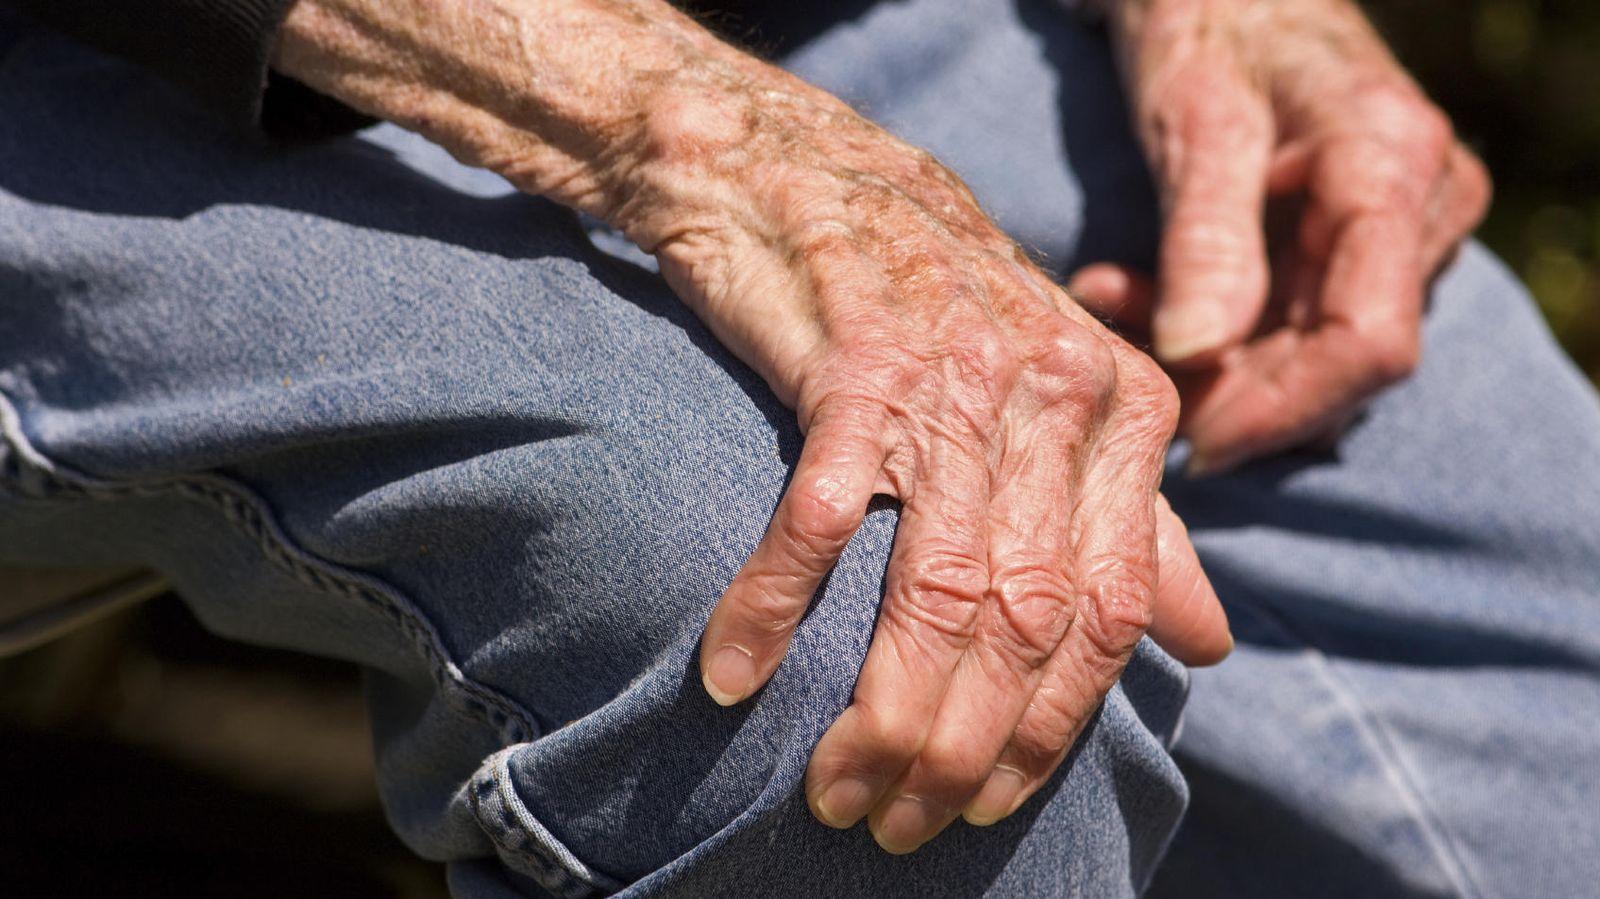 care a tratat articulațiile în recenzii de tanganzi cât timp este tratată artroza articulațiilor șoldului